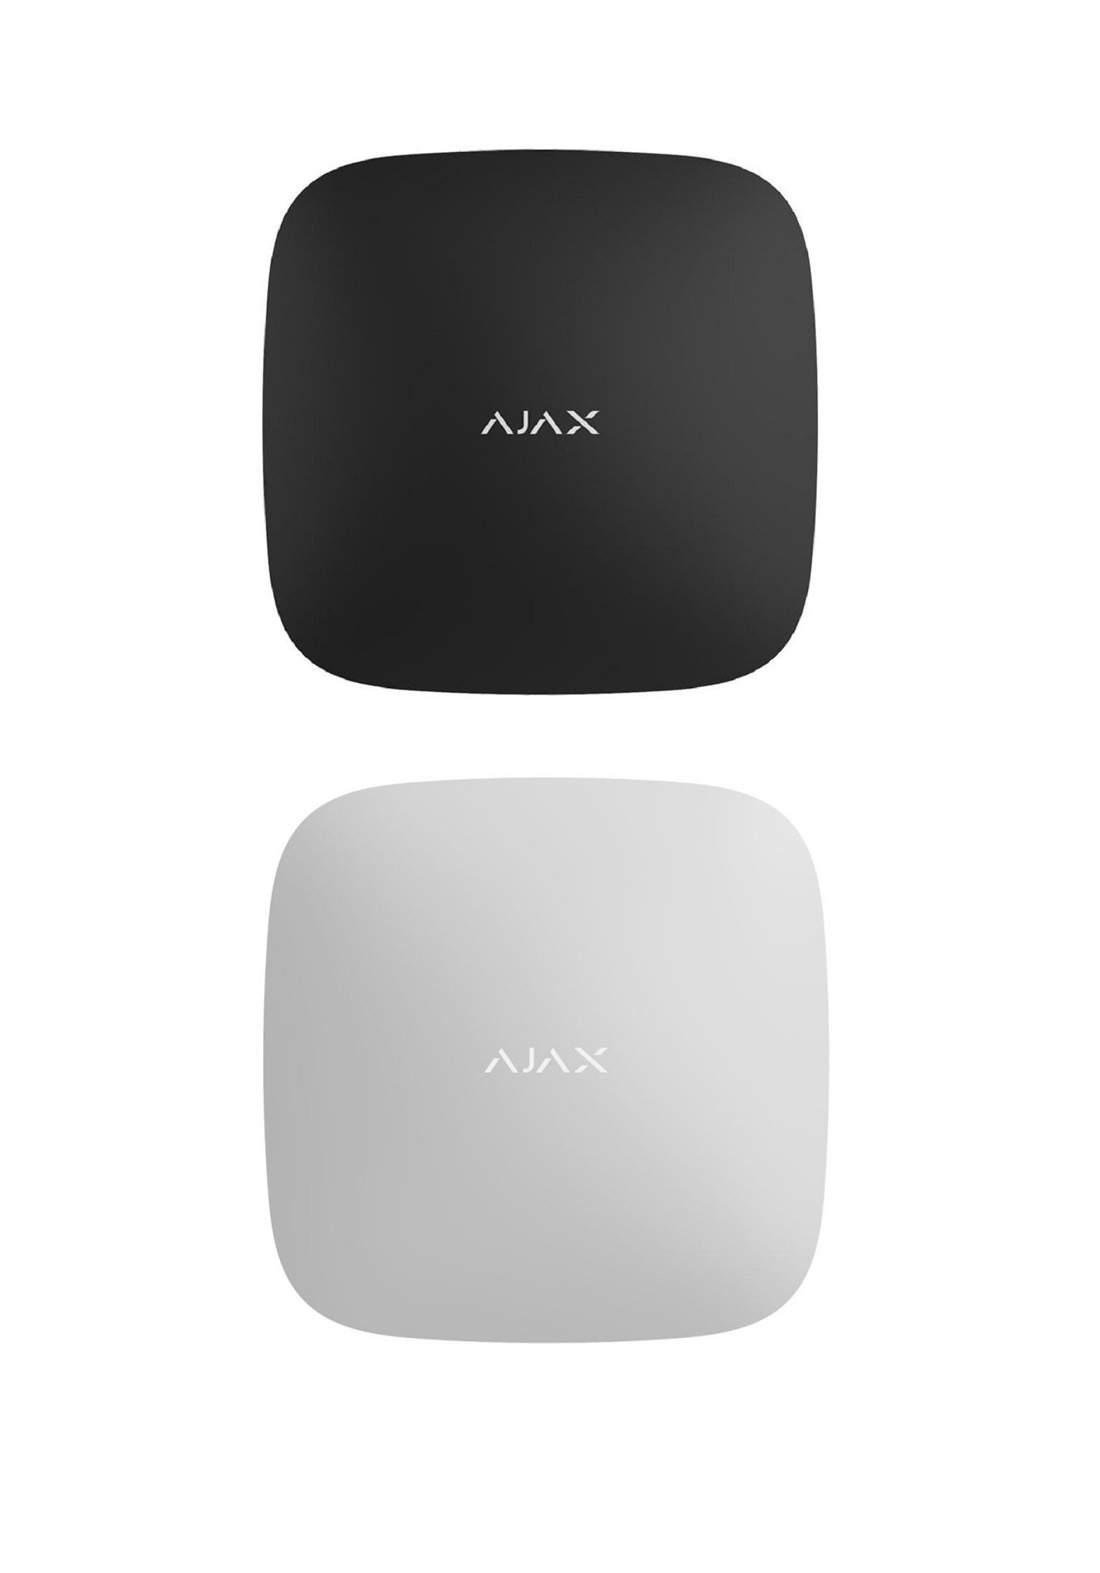 Ajax Fire protect plus حساس لاسلكي داخلي كاشف للدخان والارتفاع السريع لدرجه الحرارة وغاز احادي أوكسيد الكاربون